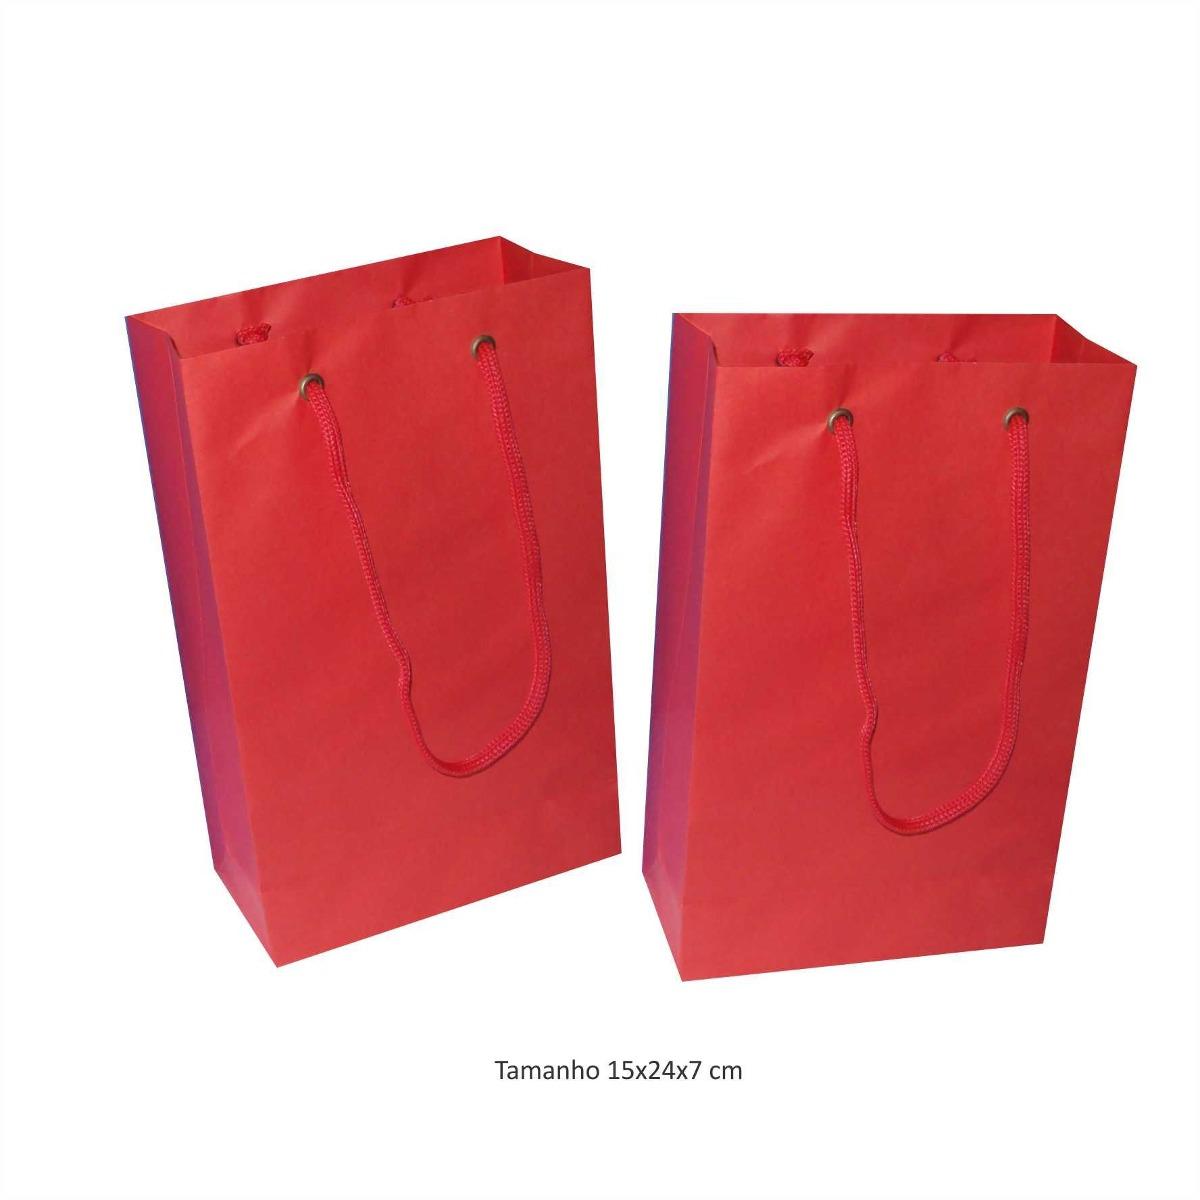 7121a51df sacola de papel pequena - cor vermelha - 10 unidades. Carregando zoom.